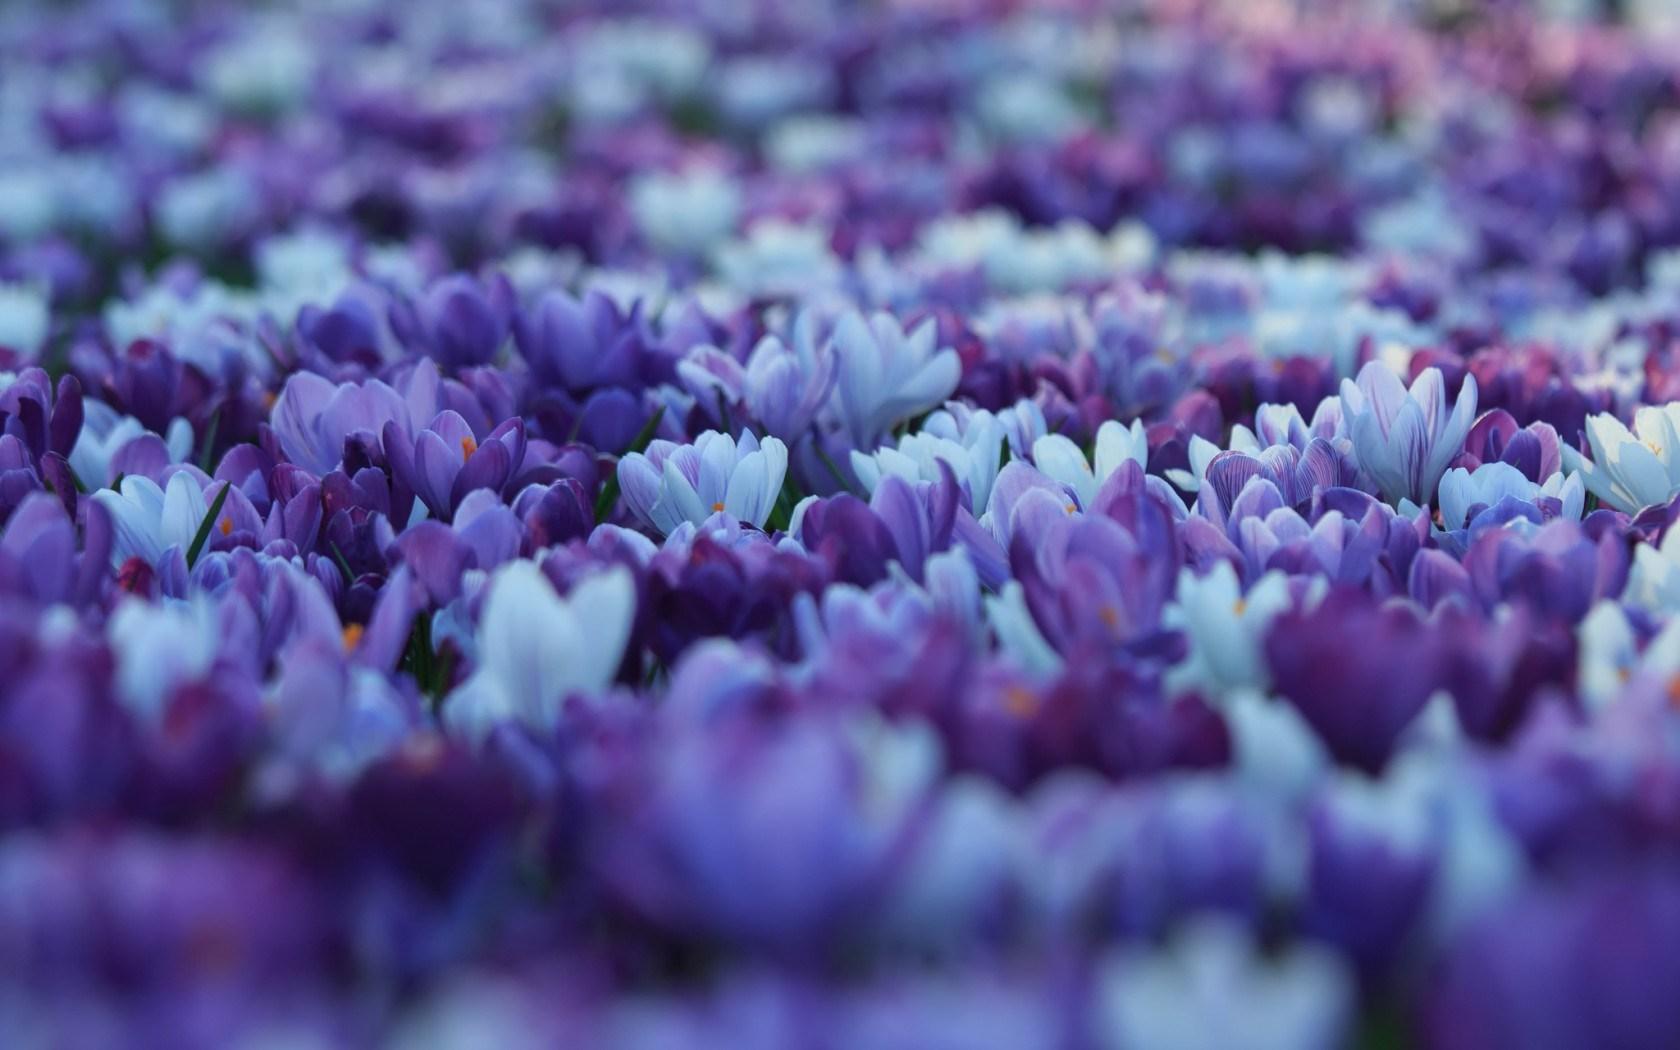 Spring Flowers 3d Live Wallpaper Autumn Crocus Flower Hd Desktop Wallpapers 4k Hd